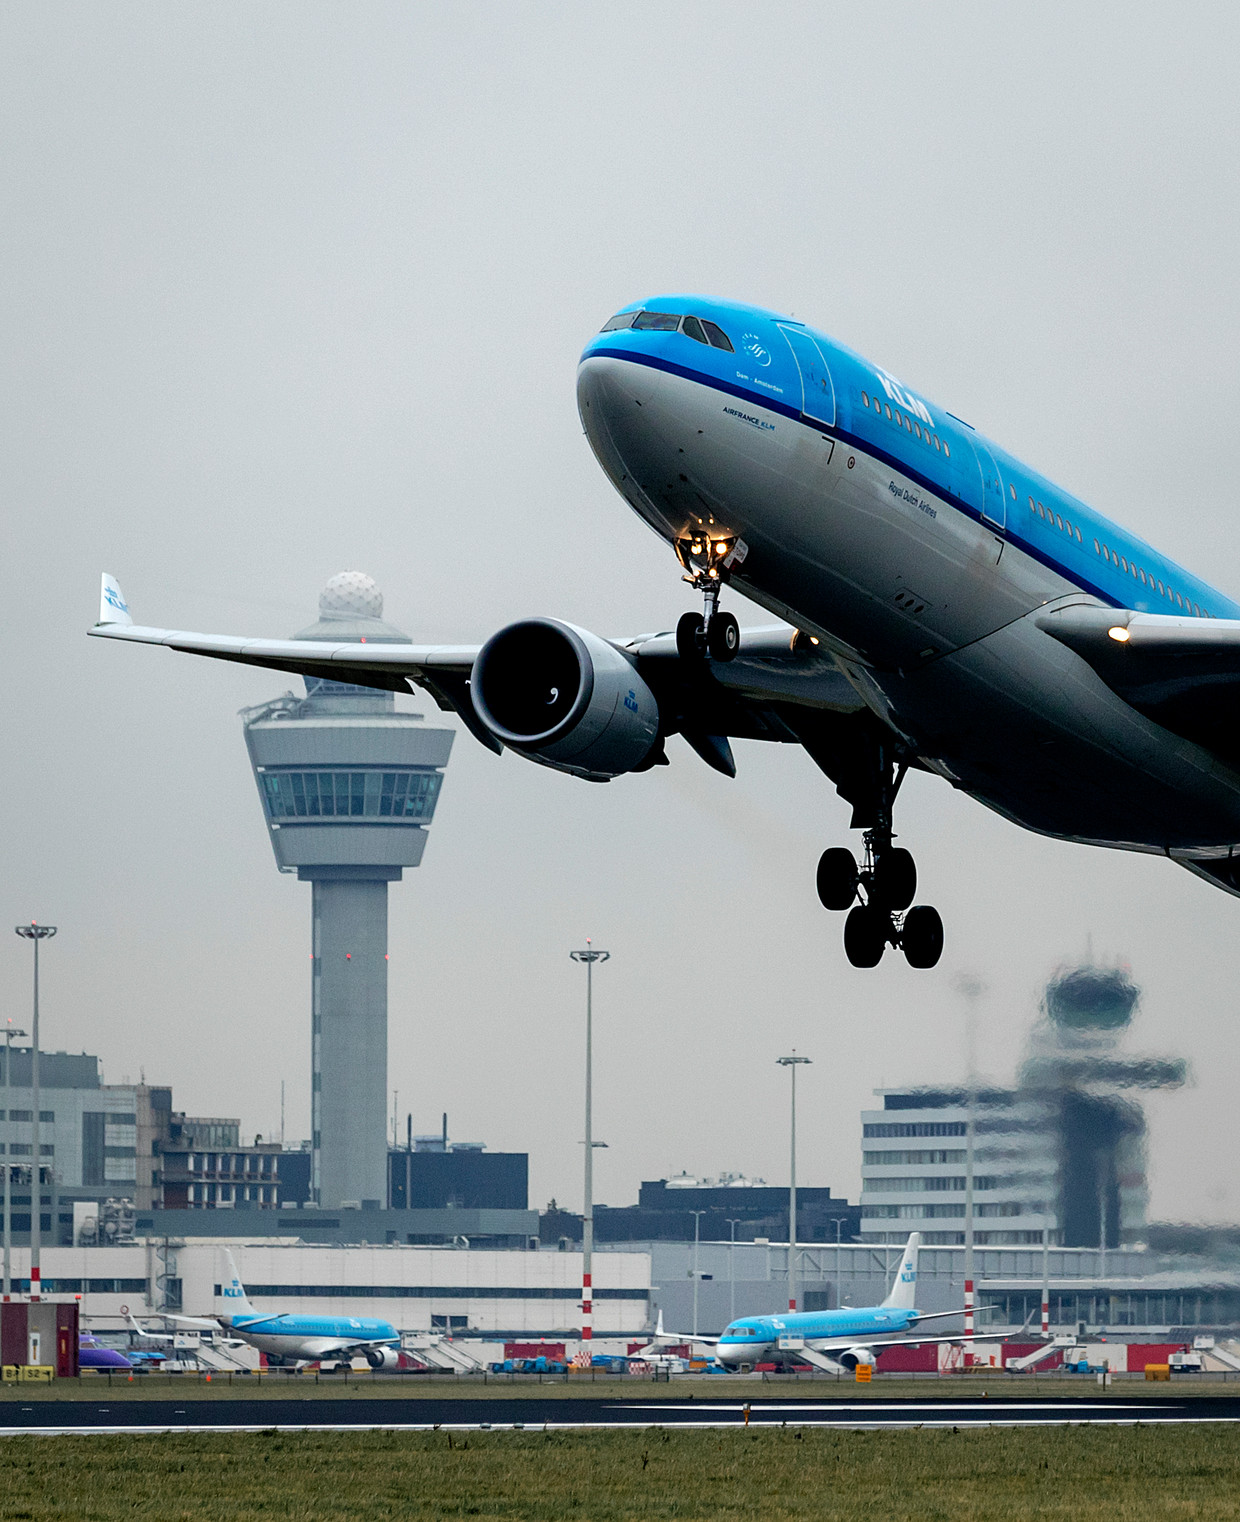 Een vliegtuig van KLM stijgt op van een landingsbaan van Schiphol.